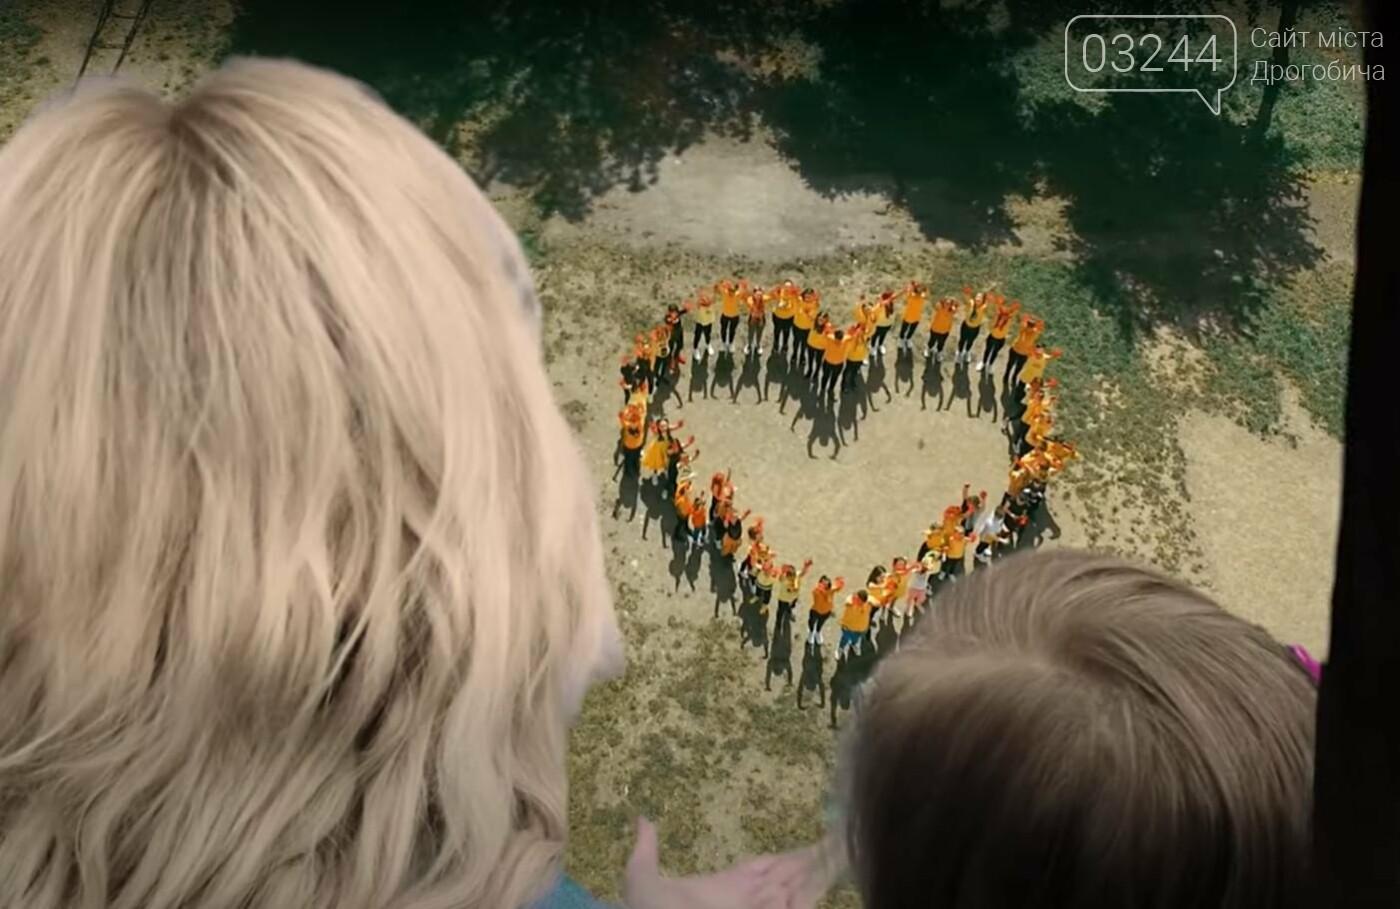 Кожному дитячому серцю – потрібна любов і сім'я! Учні та педагоги Ліцею №1 презентували соціальний відеопроект «Рідні», фото-18